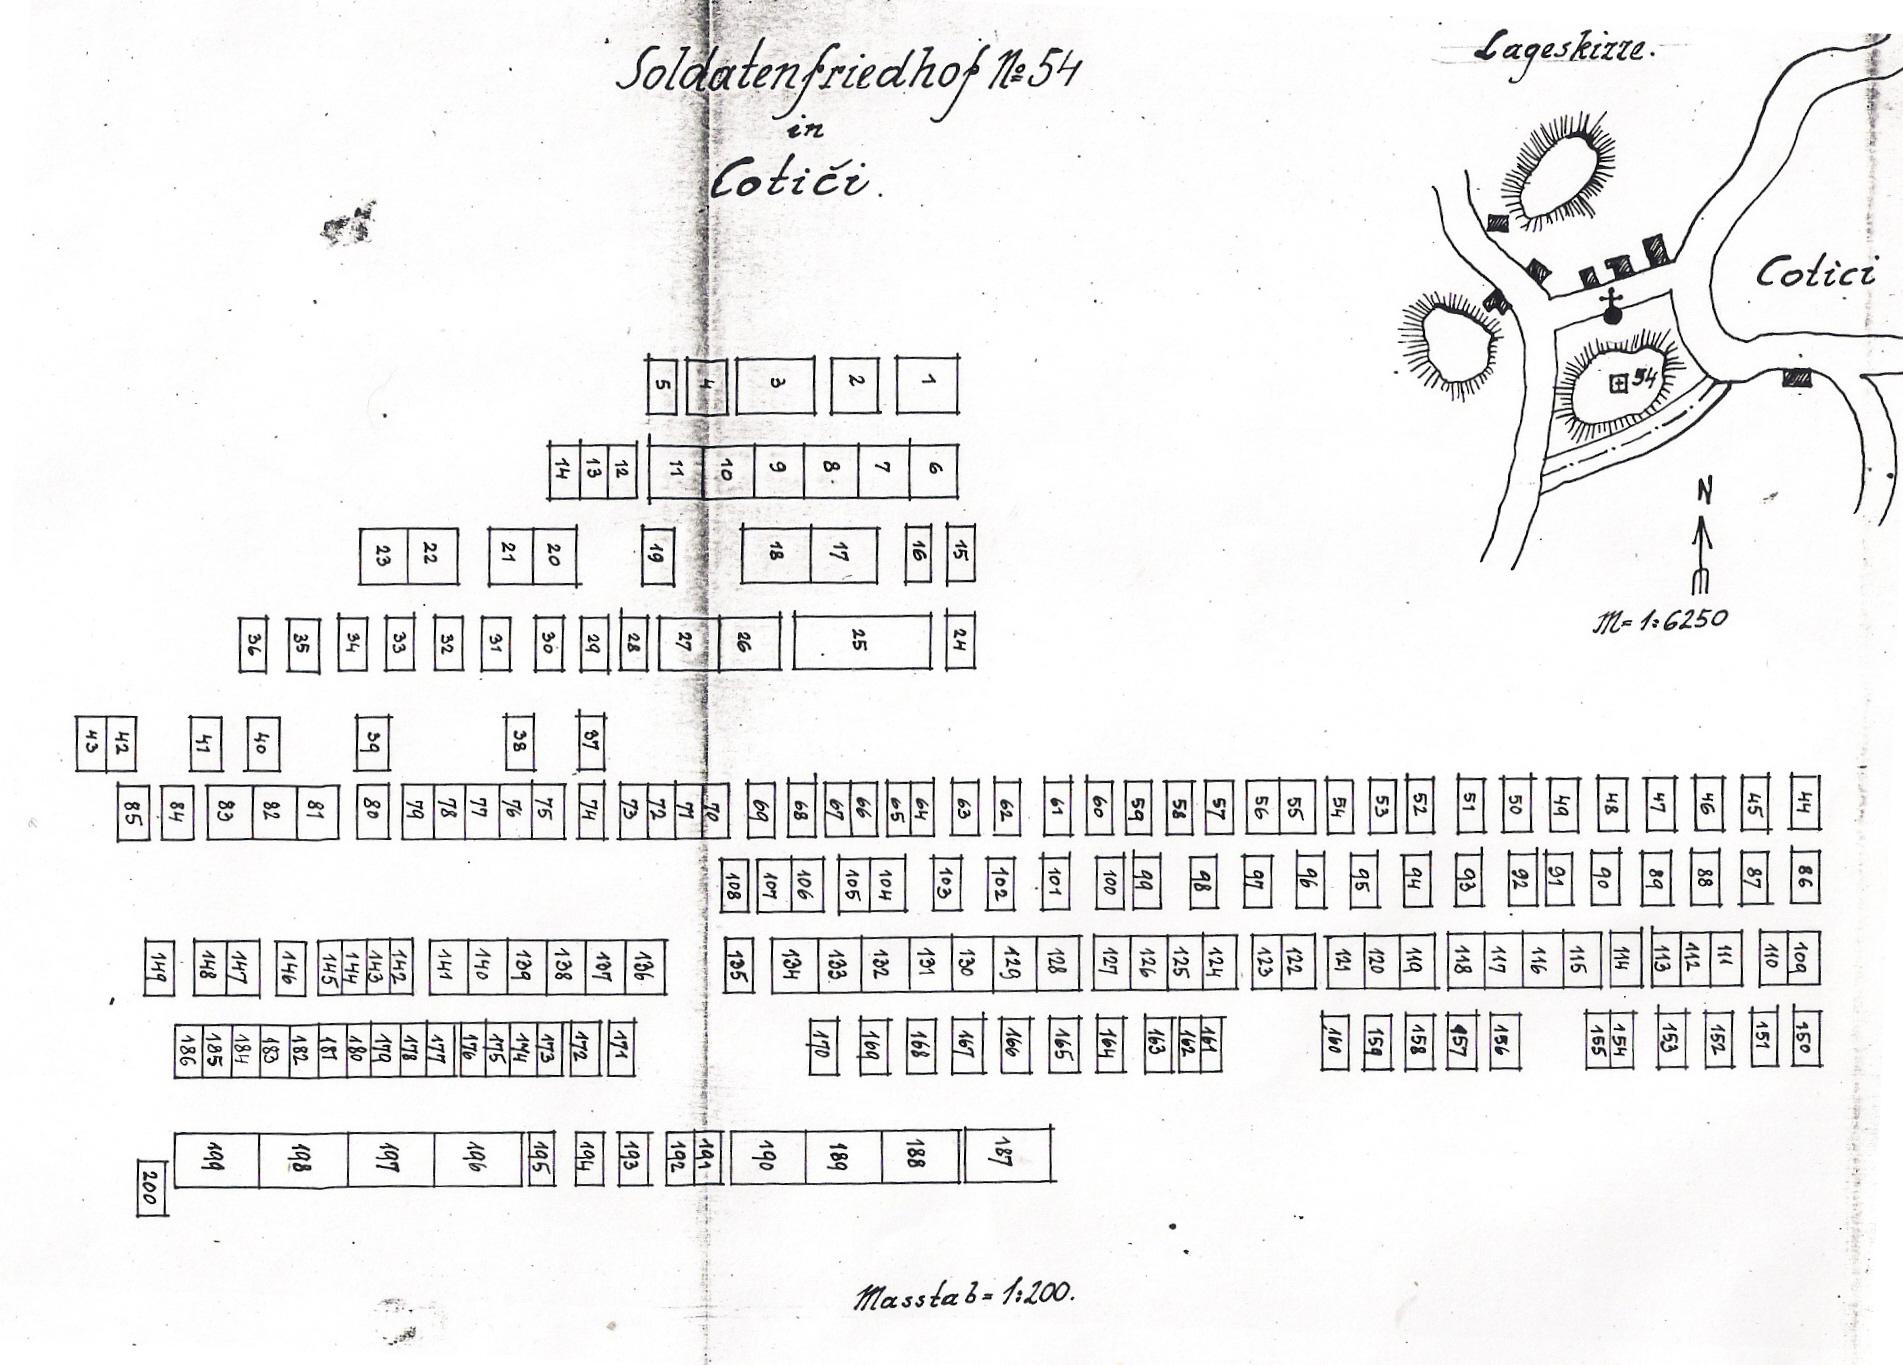 Il disegno catastale del cimitero del 1918